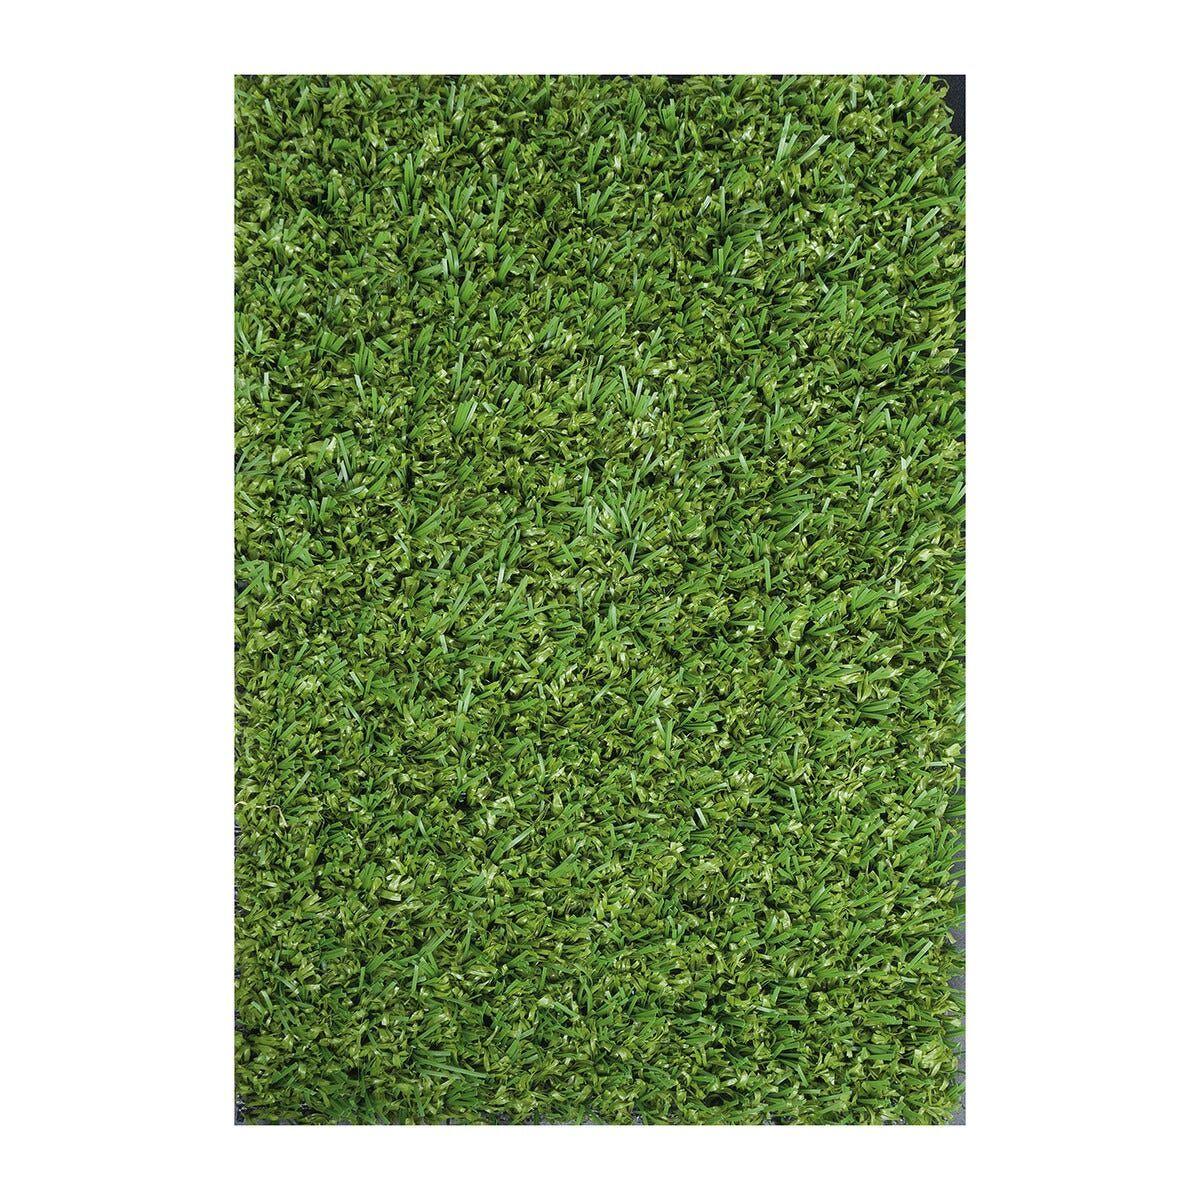 Prato Sintetico Ascot Verde H 2 M Spessore 1,6 Mm Vendita Al M²